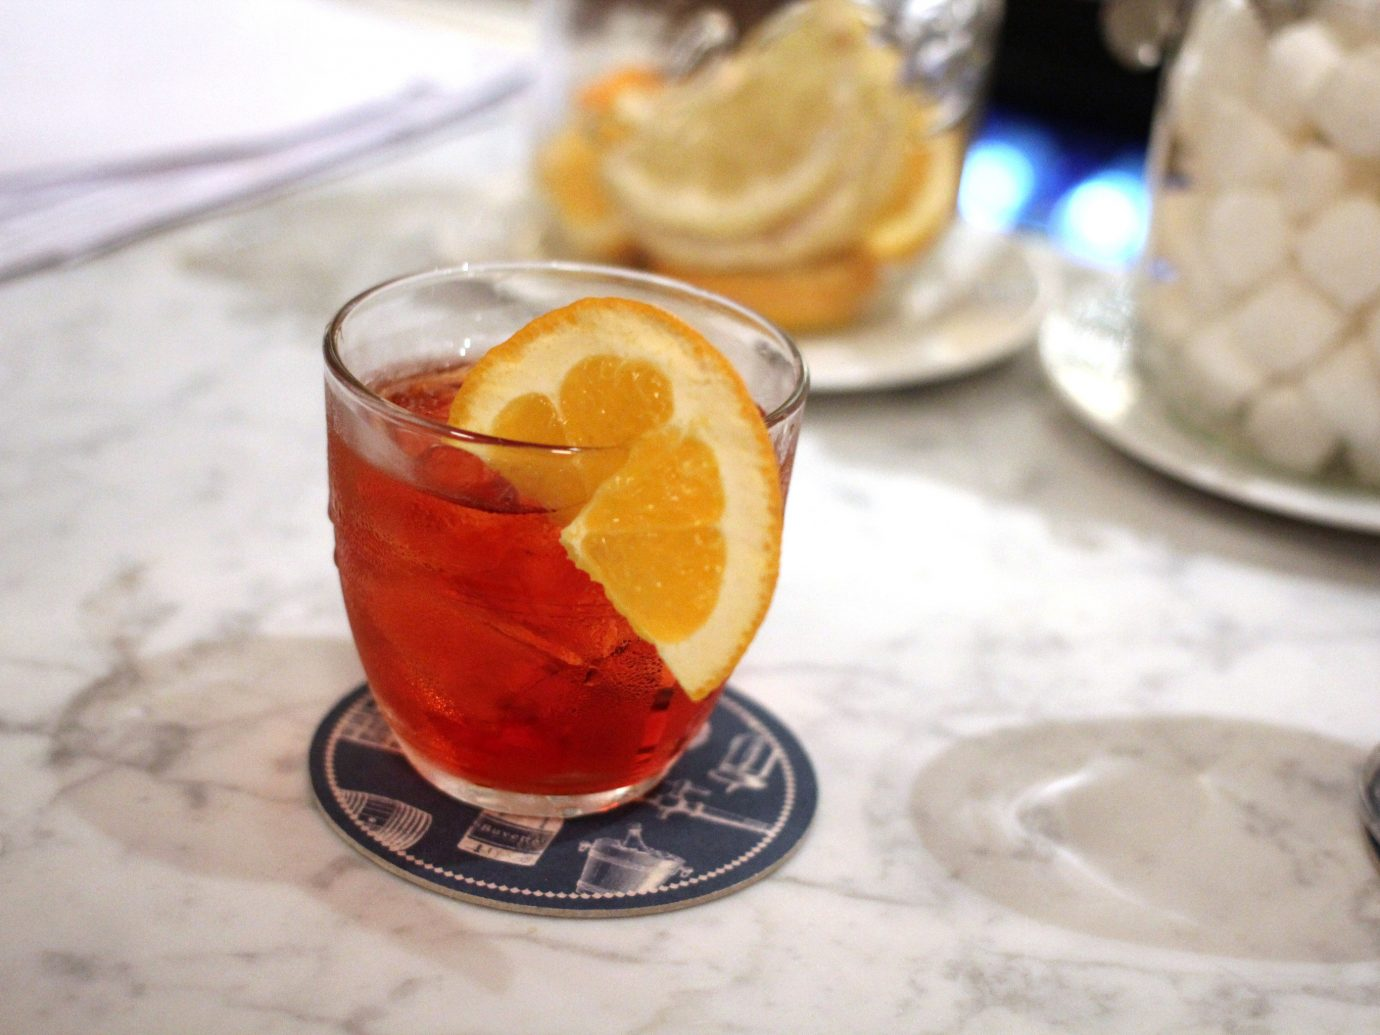 Food + Drink Romance cup food alcoholic beverage Drink cocktail produce distilled beverage fruit beverage